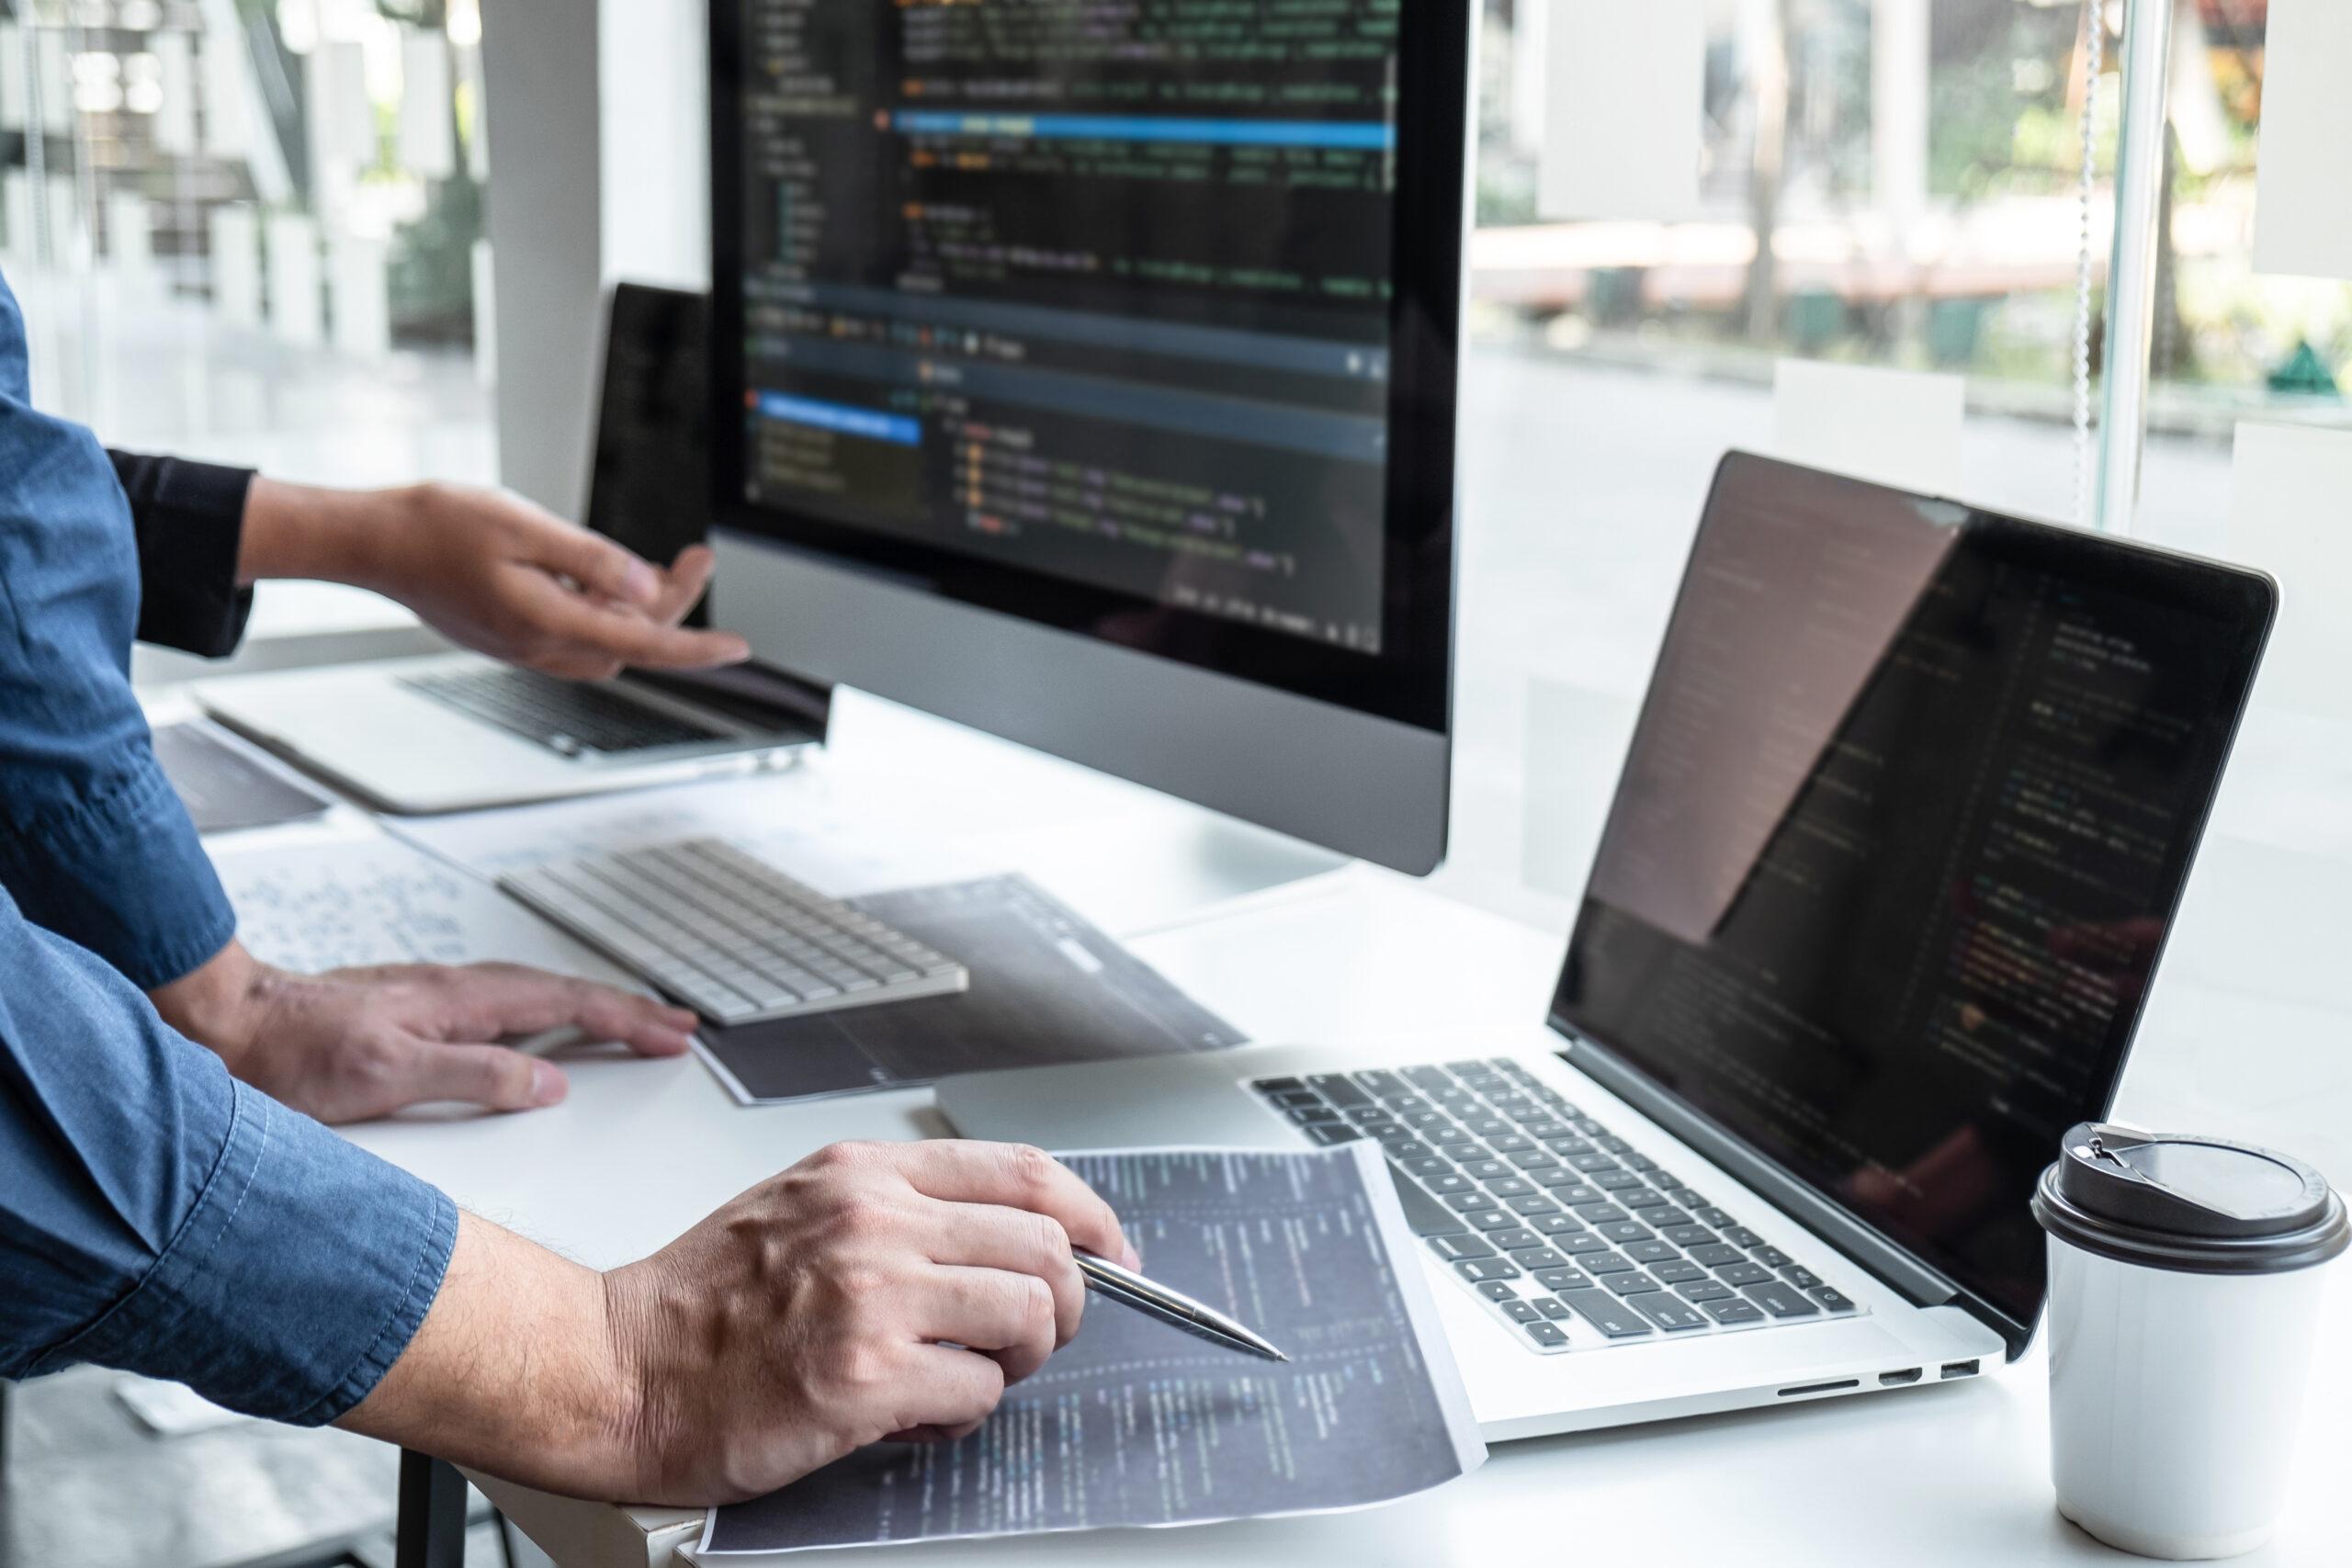 sviluppo software daniela zanini esc